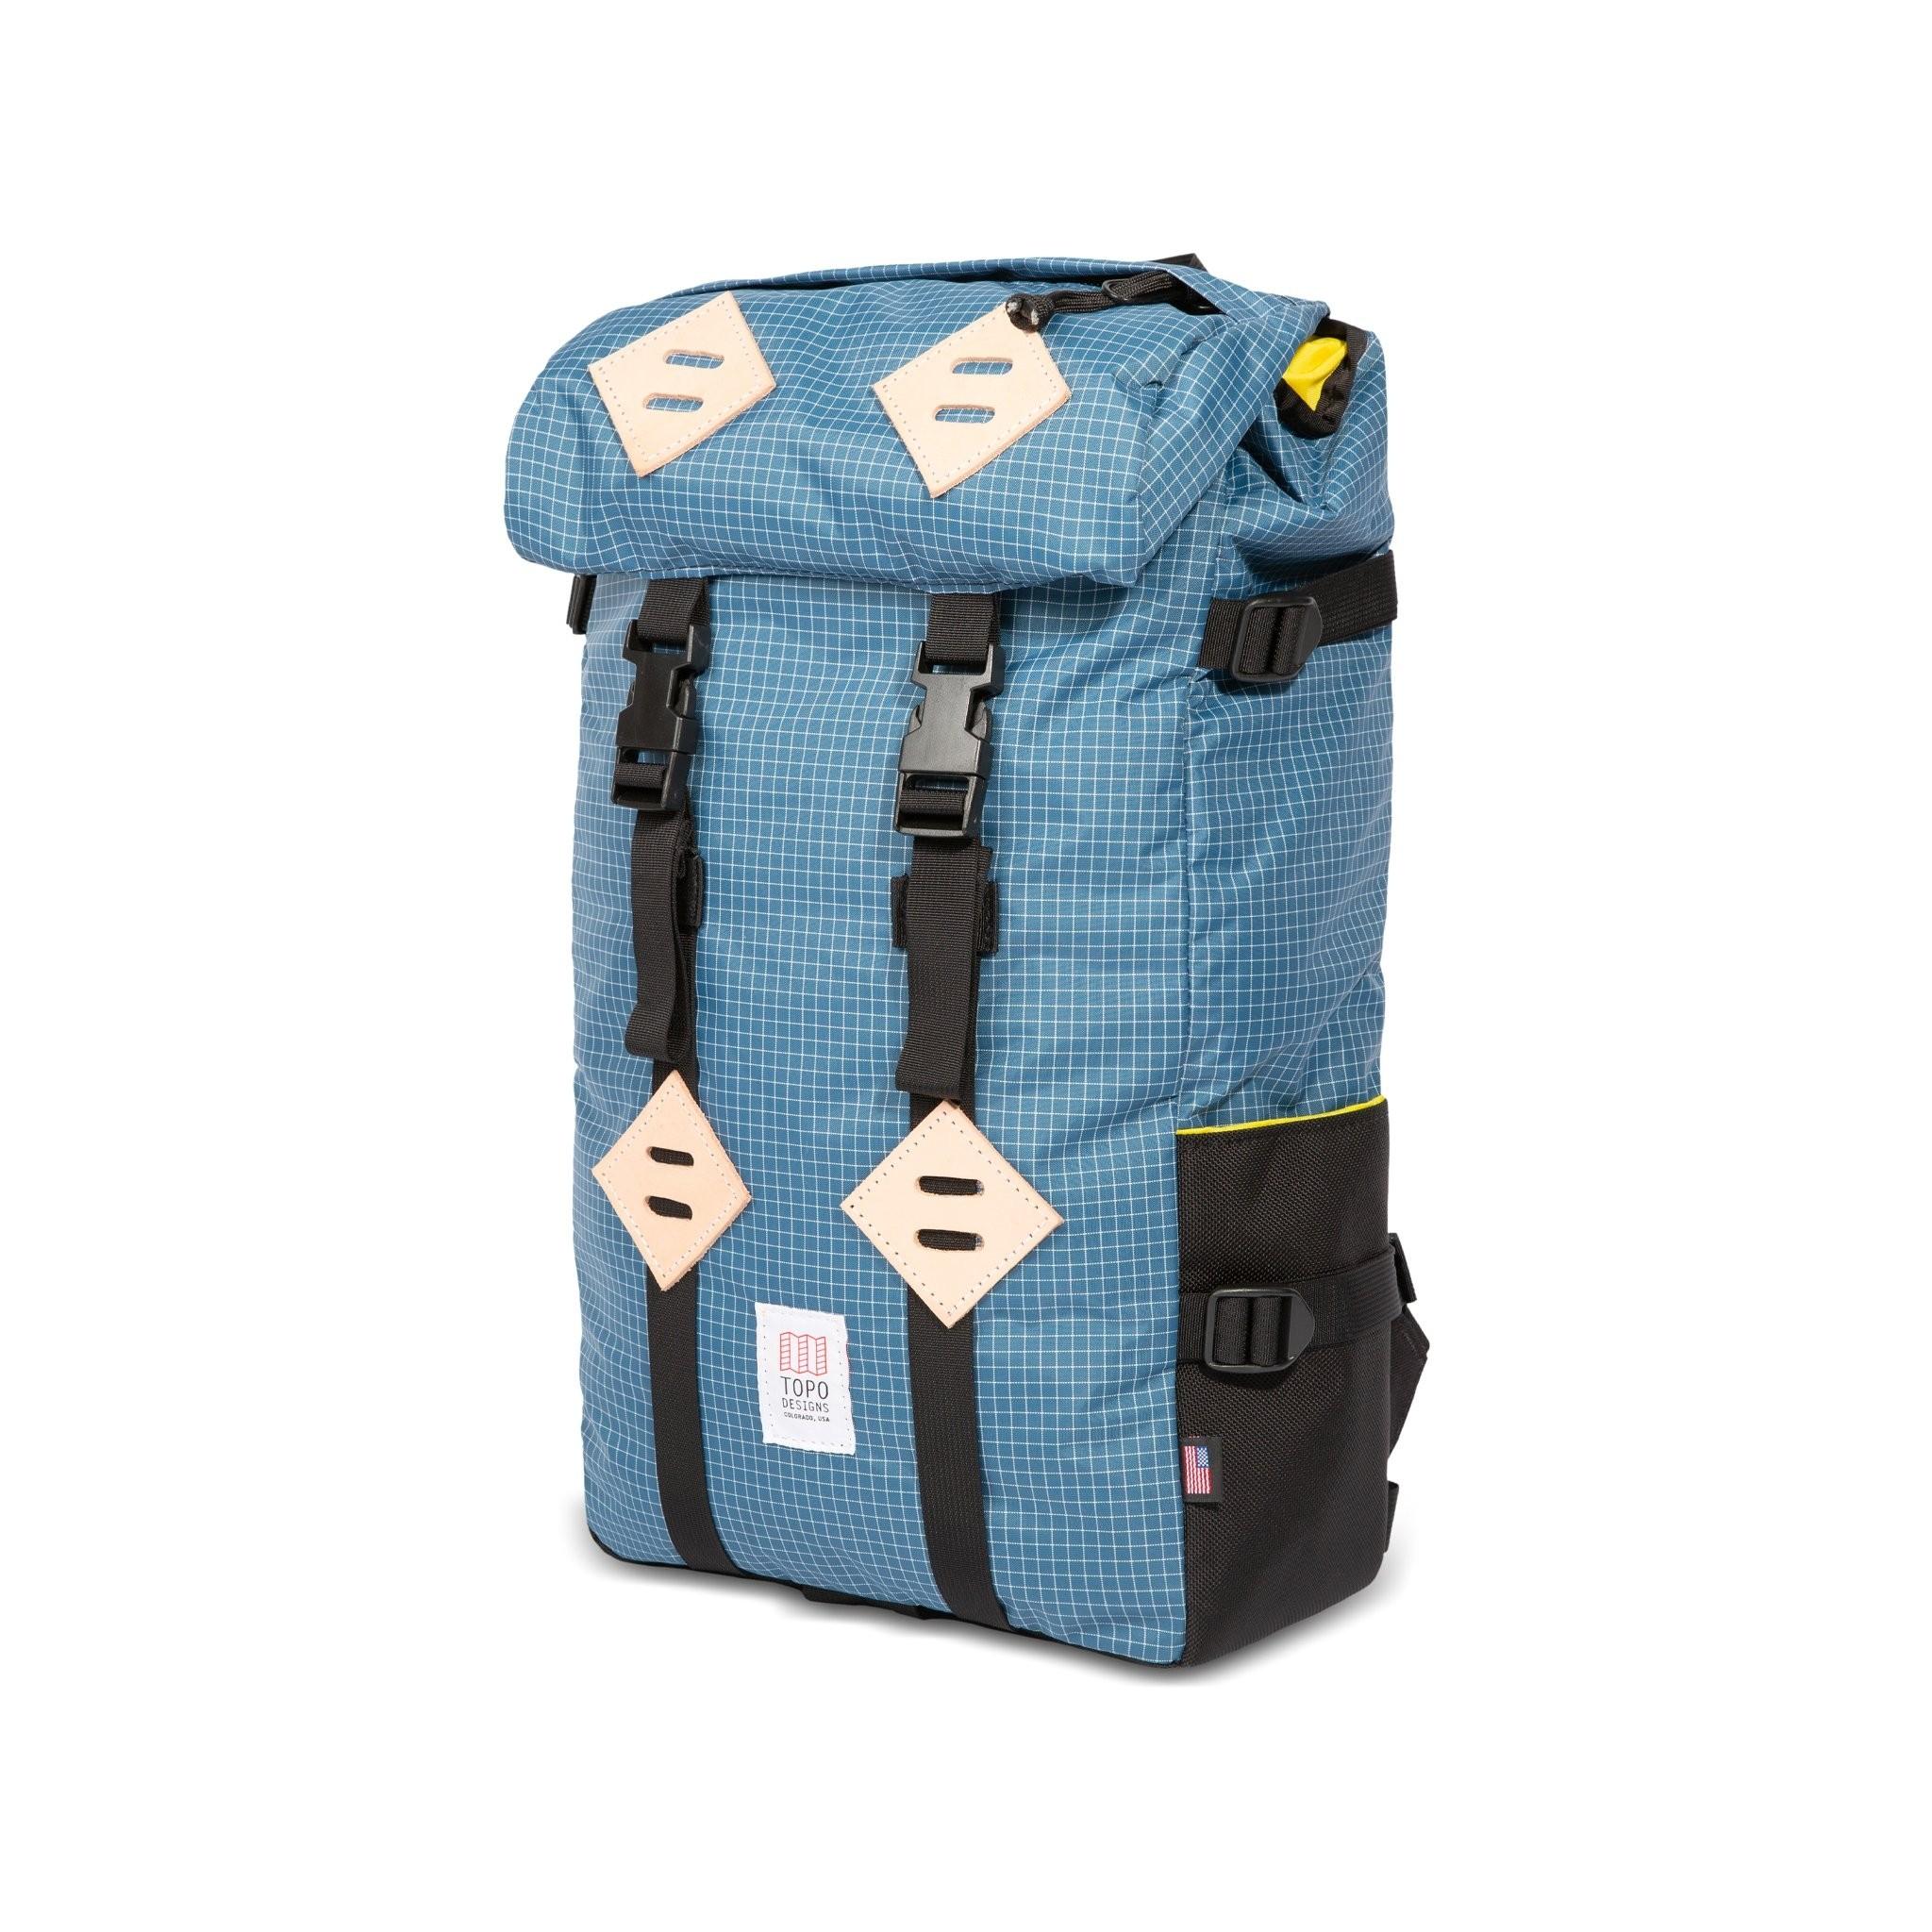 Topo Designs Klettersack 25L : Blue / White Ripstop